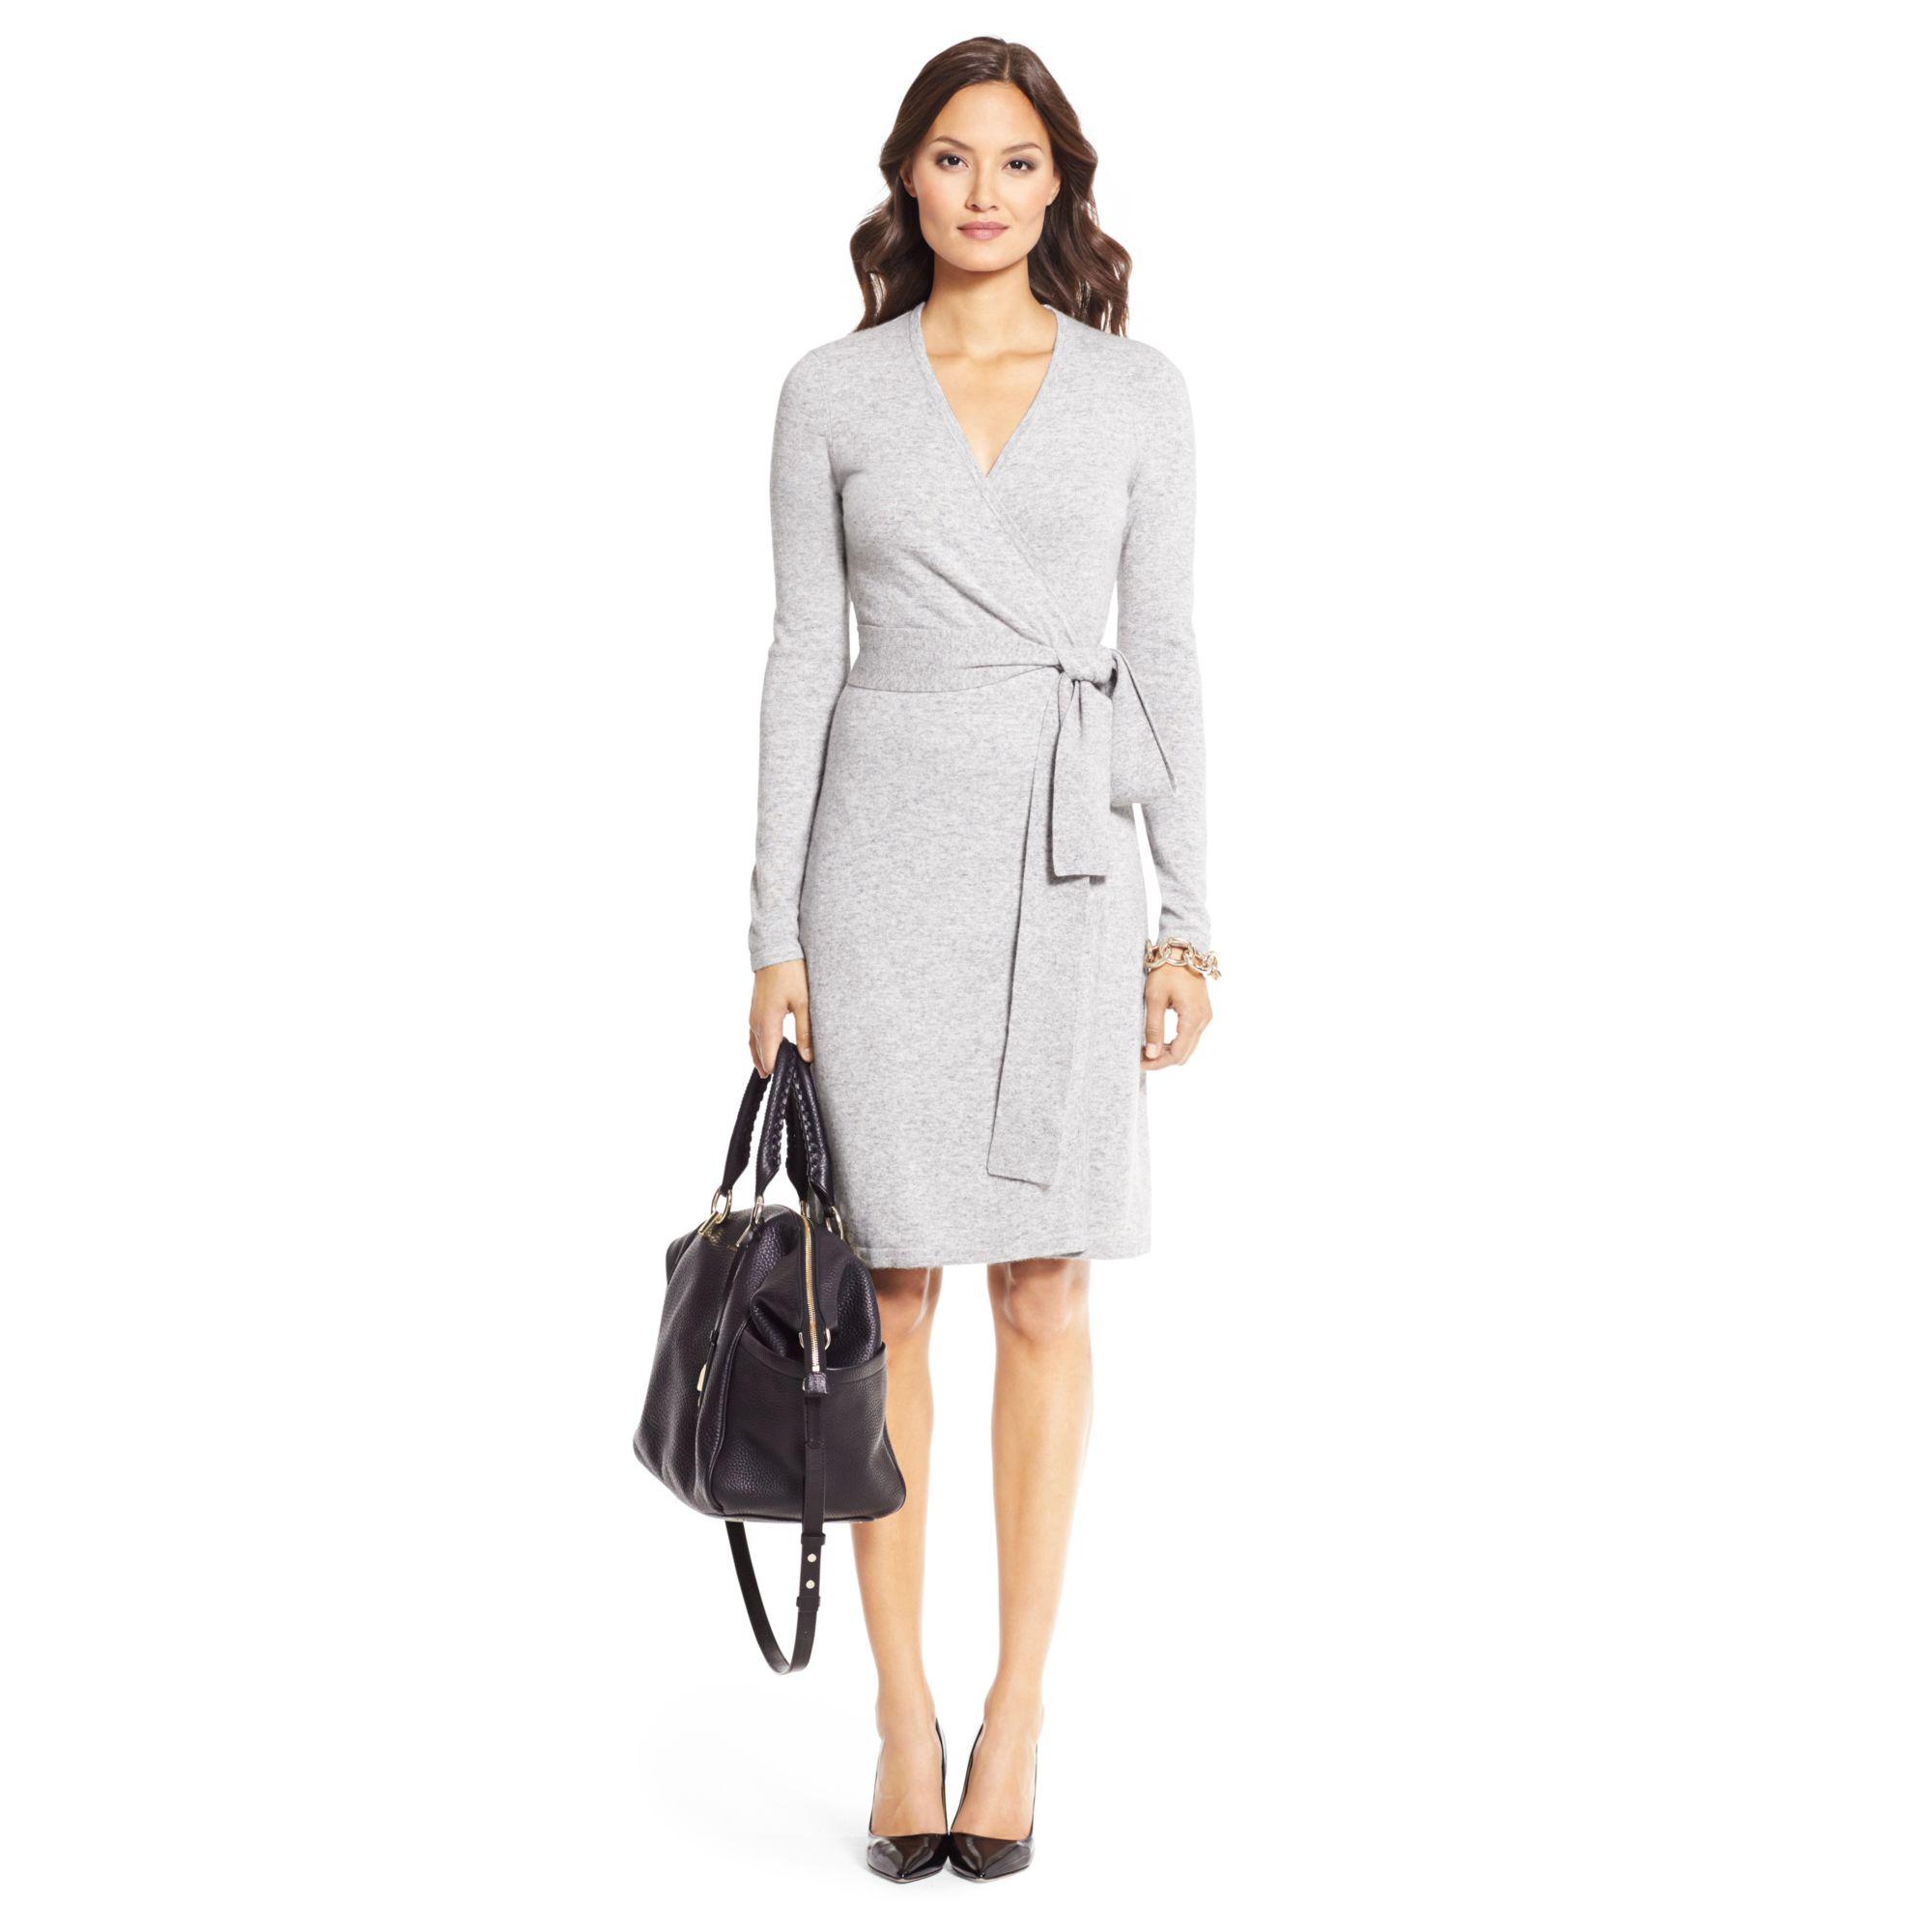 1eff0b47947 Diane von Furstenberg Linda Cashmere Blend Sweater Wrap Dress in ...